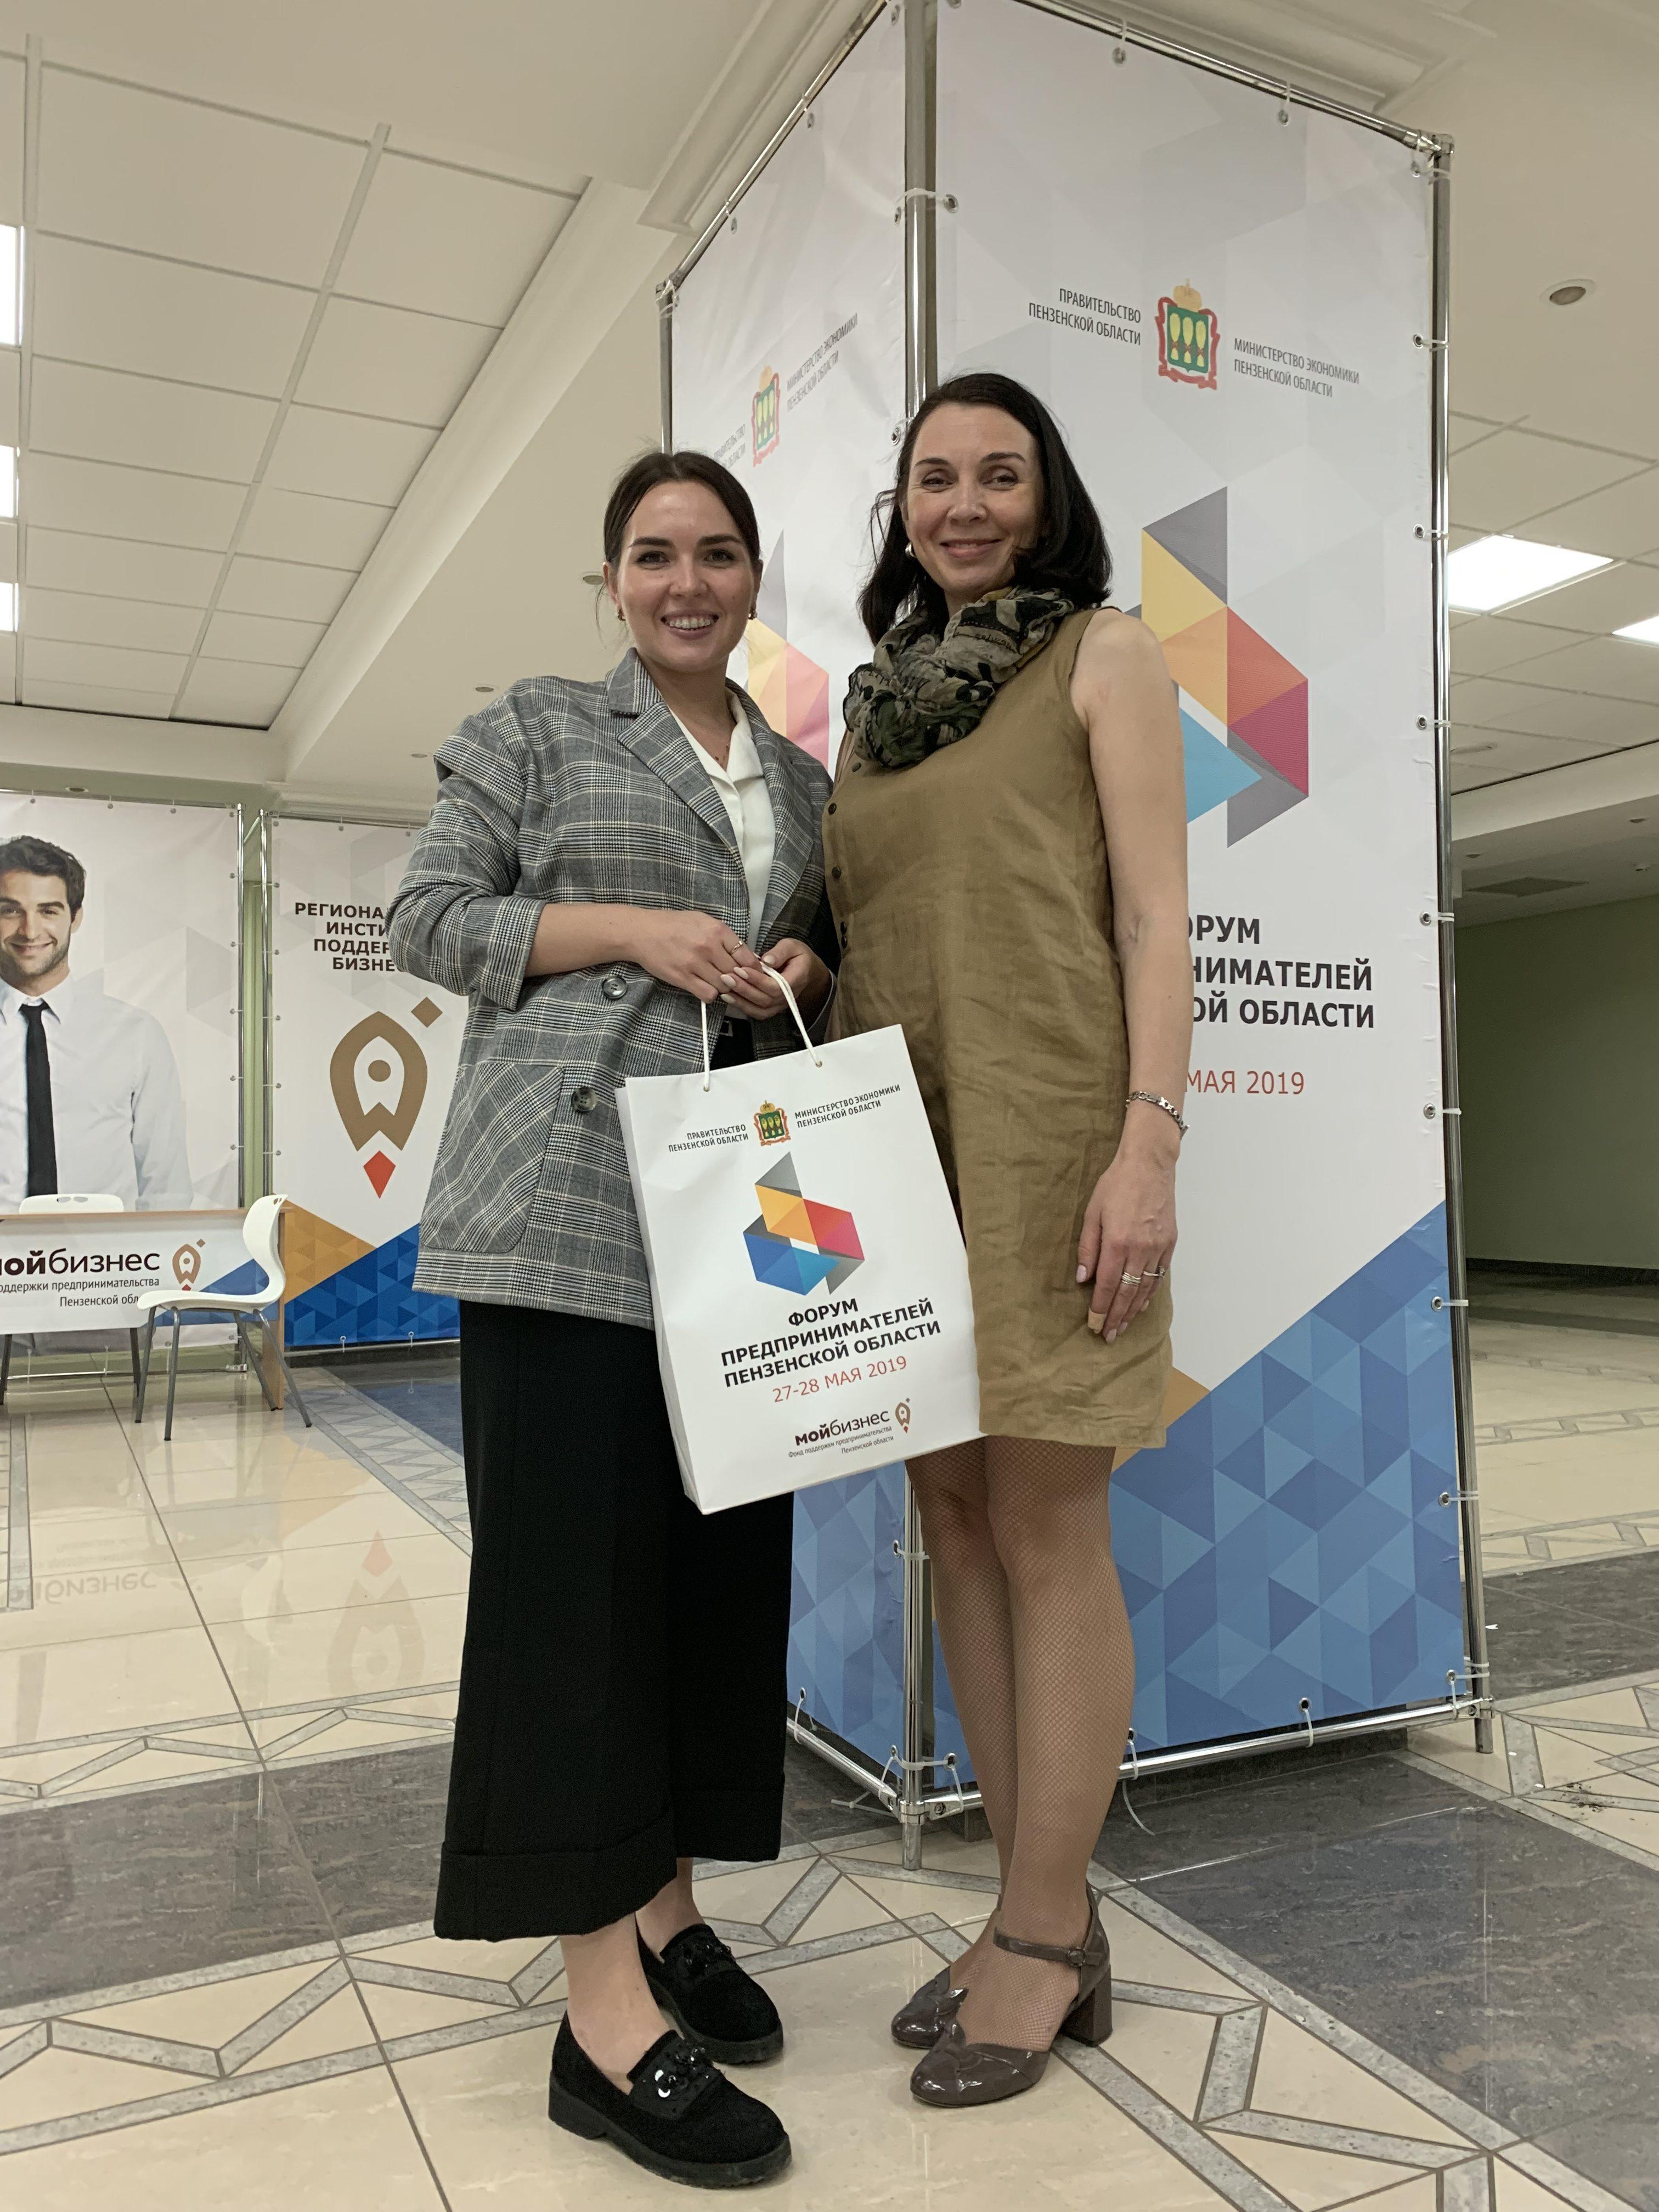 Форум предпринимателей в Пензе. Представители компании «Парафарм» прошли обучение у звезд бизнес-тренинга